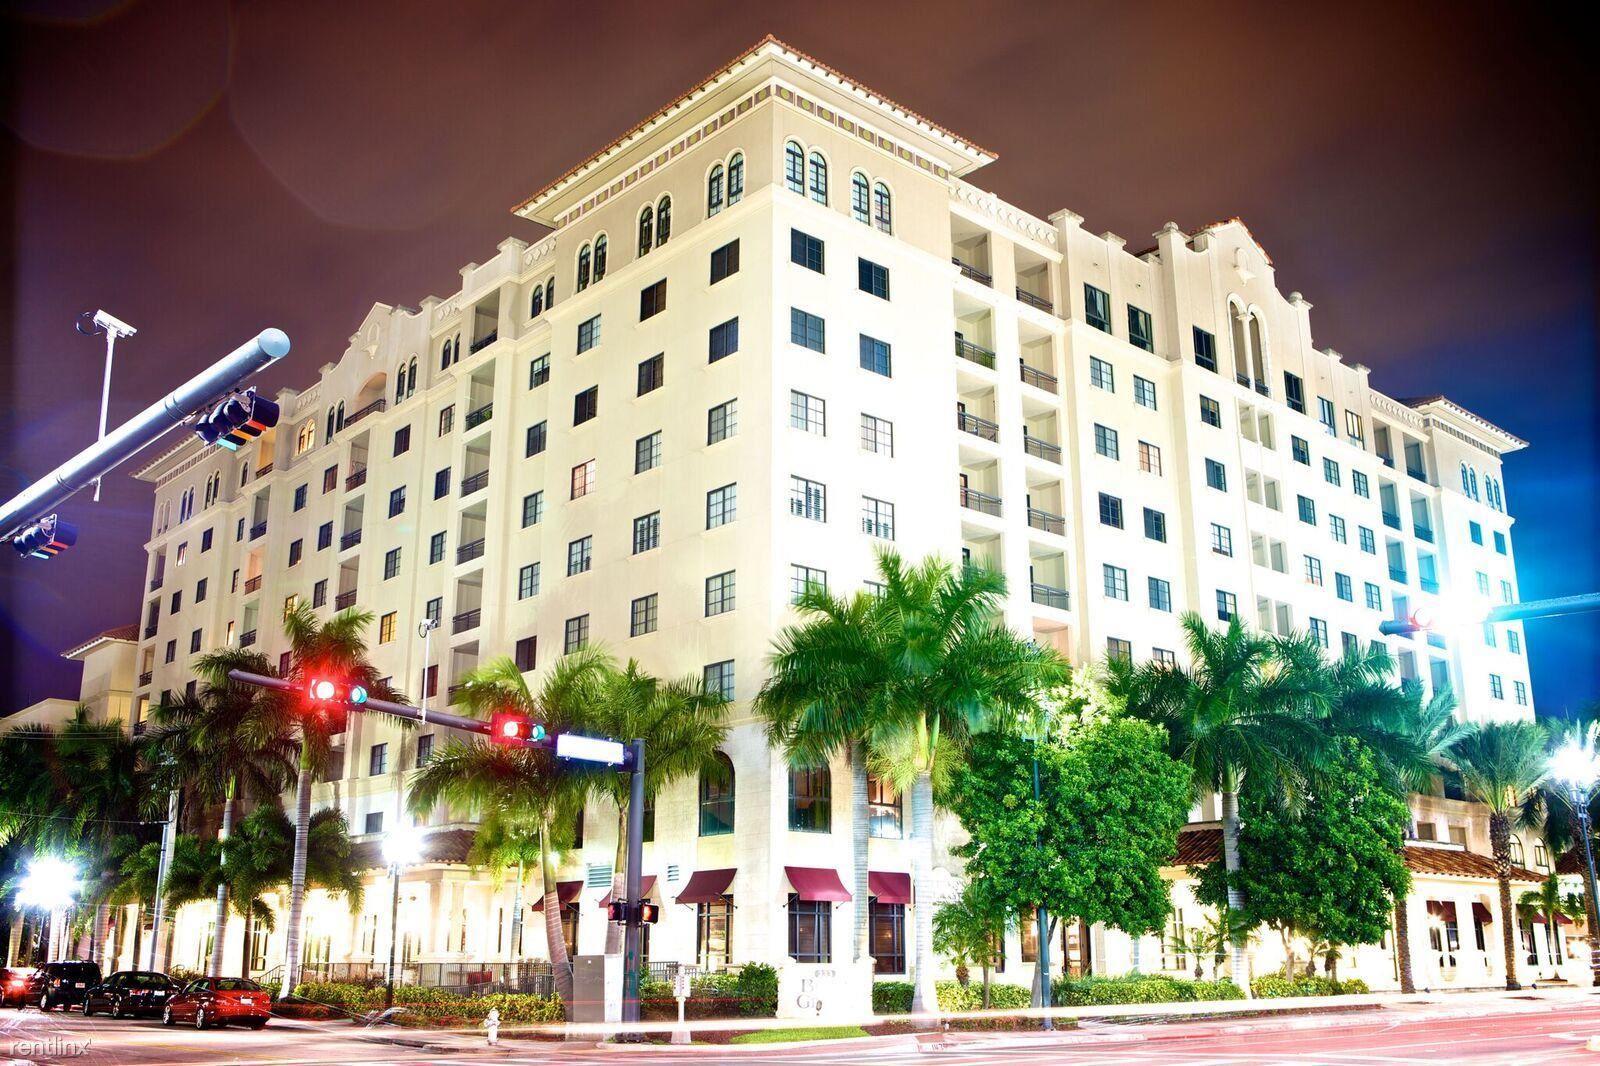 233 S Federal Hwy Apt 311, Boca Raton, FL - $2,250